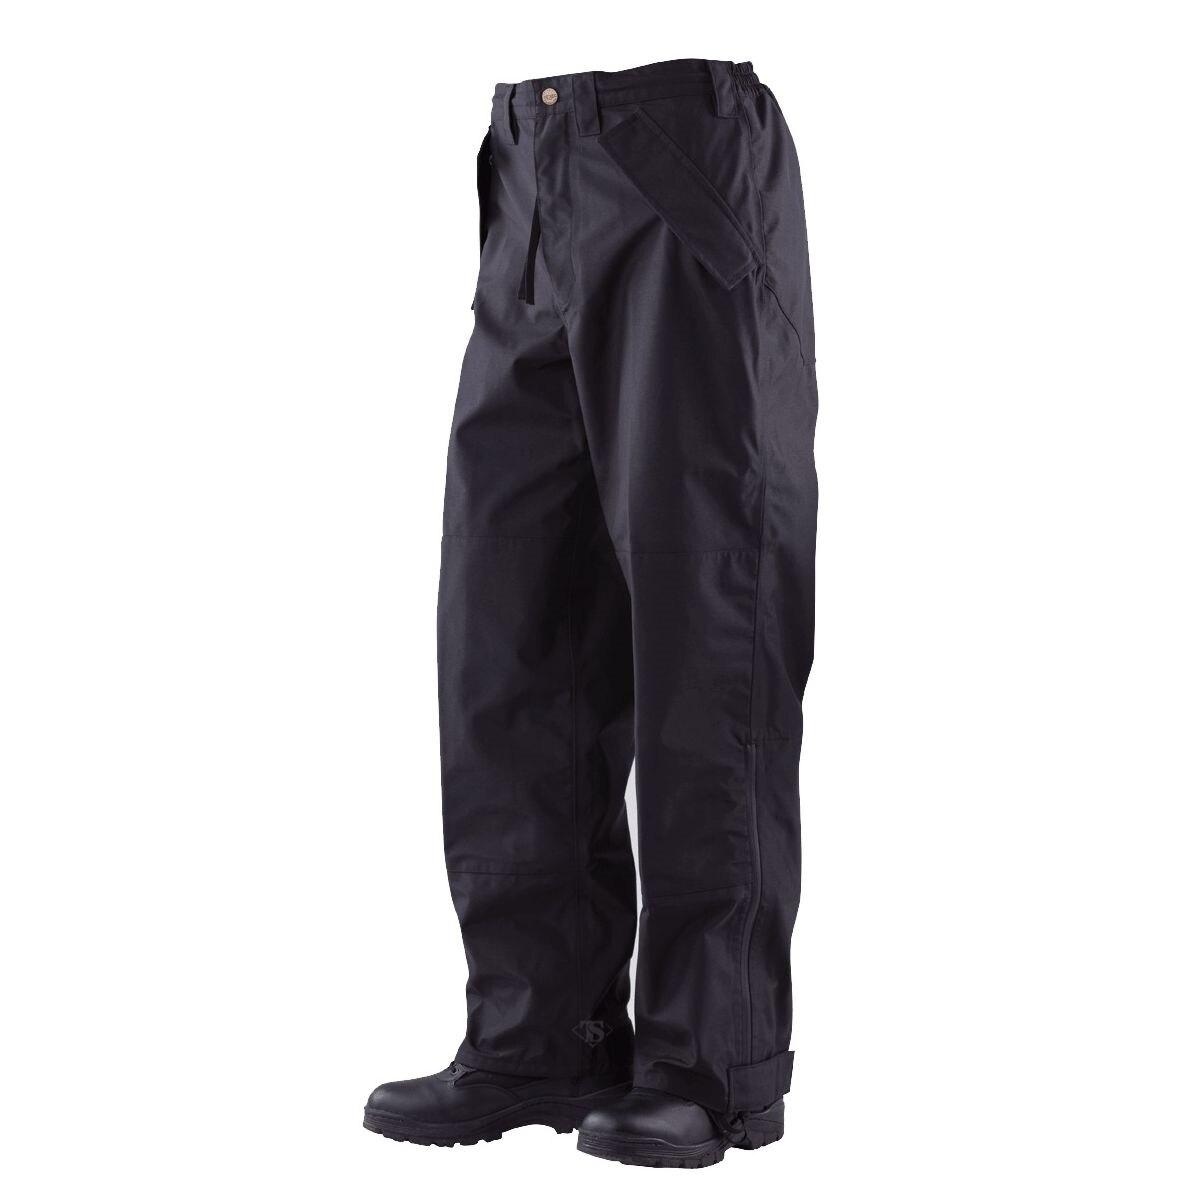 Nepremokavé nohavice Gen 2 ECWCS TruSpec® – Čierna (Farba: Čierna, Veľkosť: L)